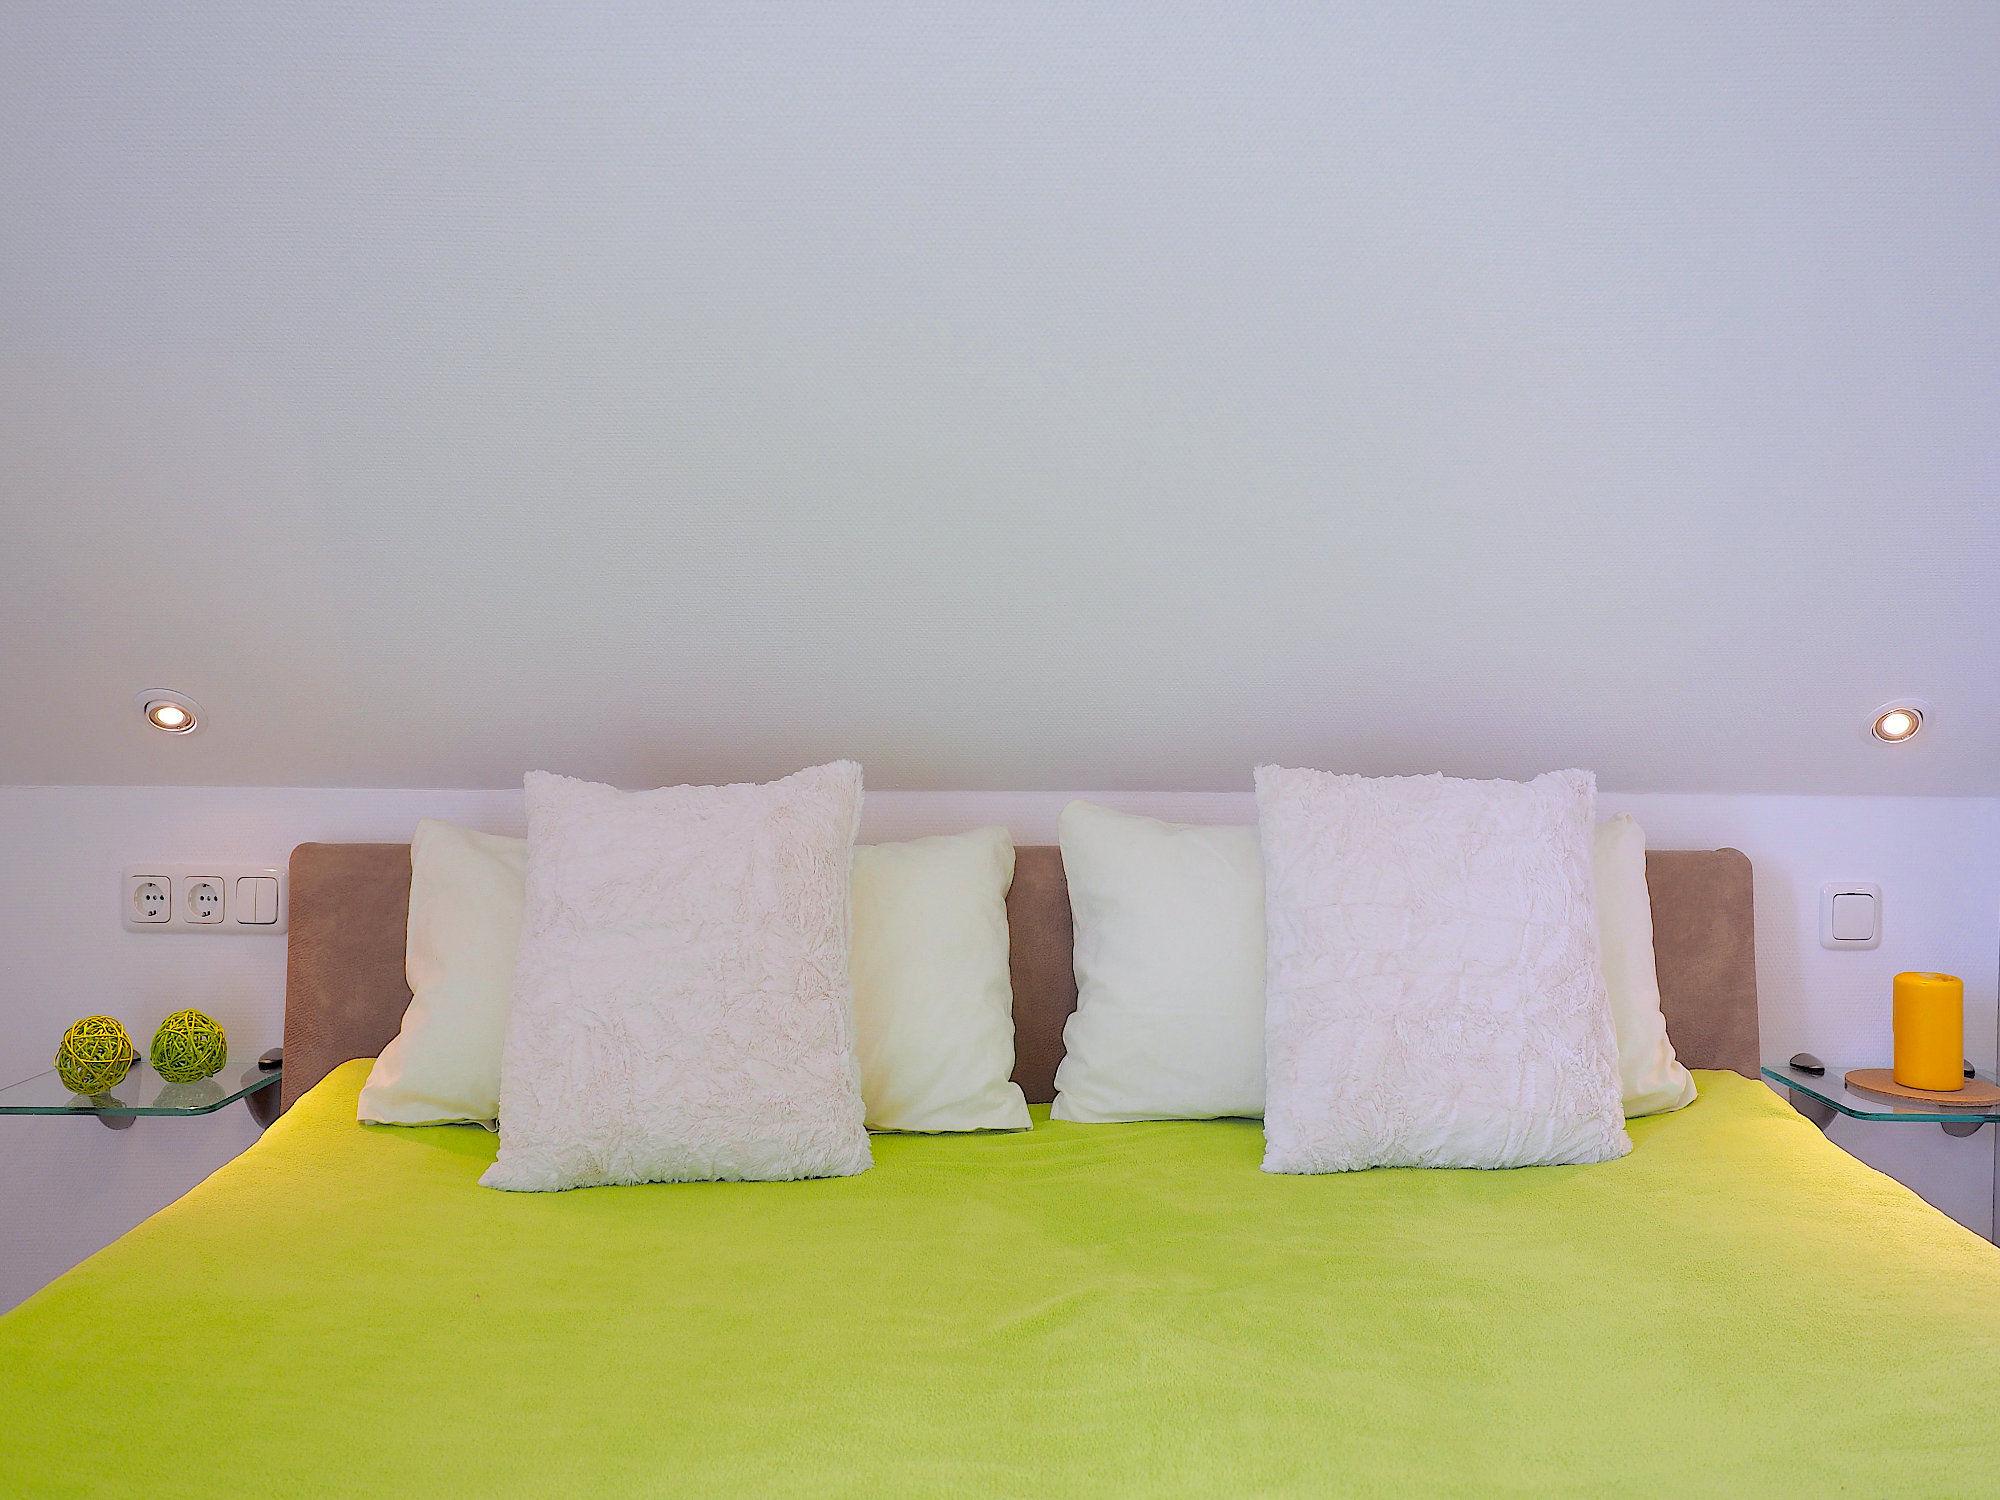 Schlafzimmer mit Doppelbett,   Blick auf das Kopfteil mit Kissen